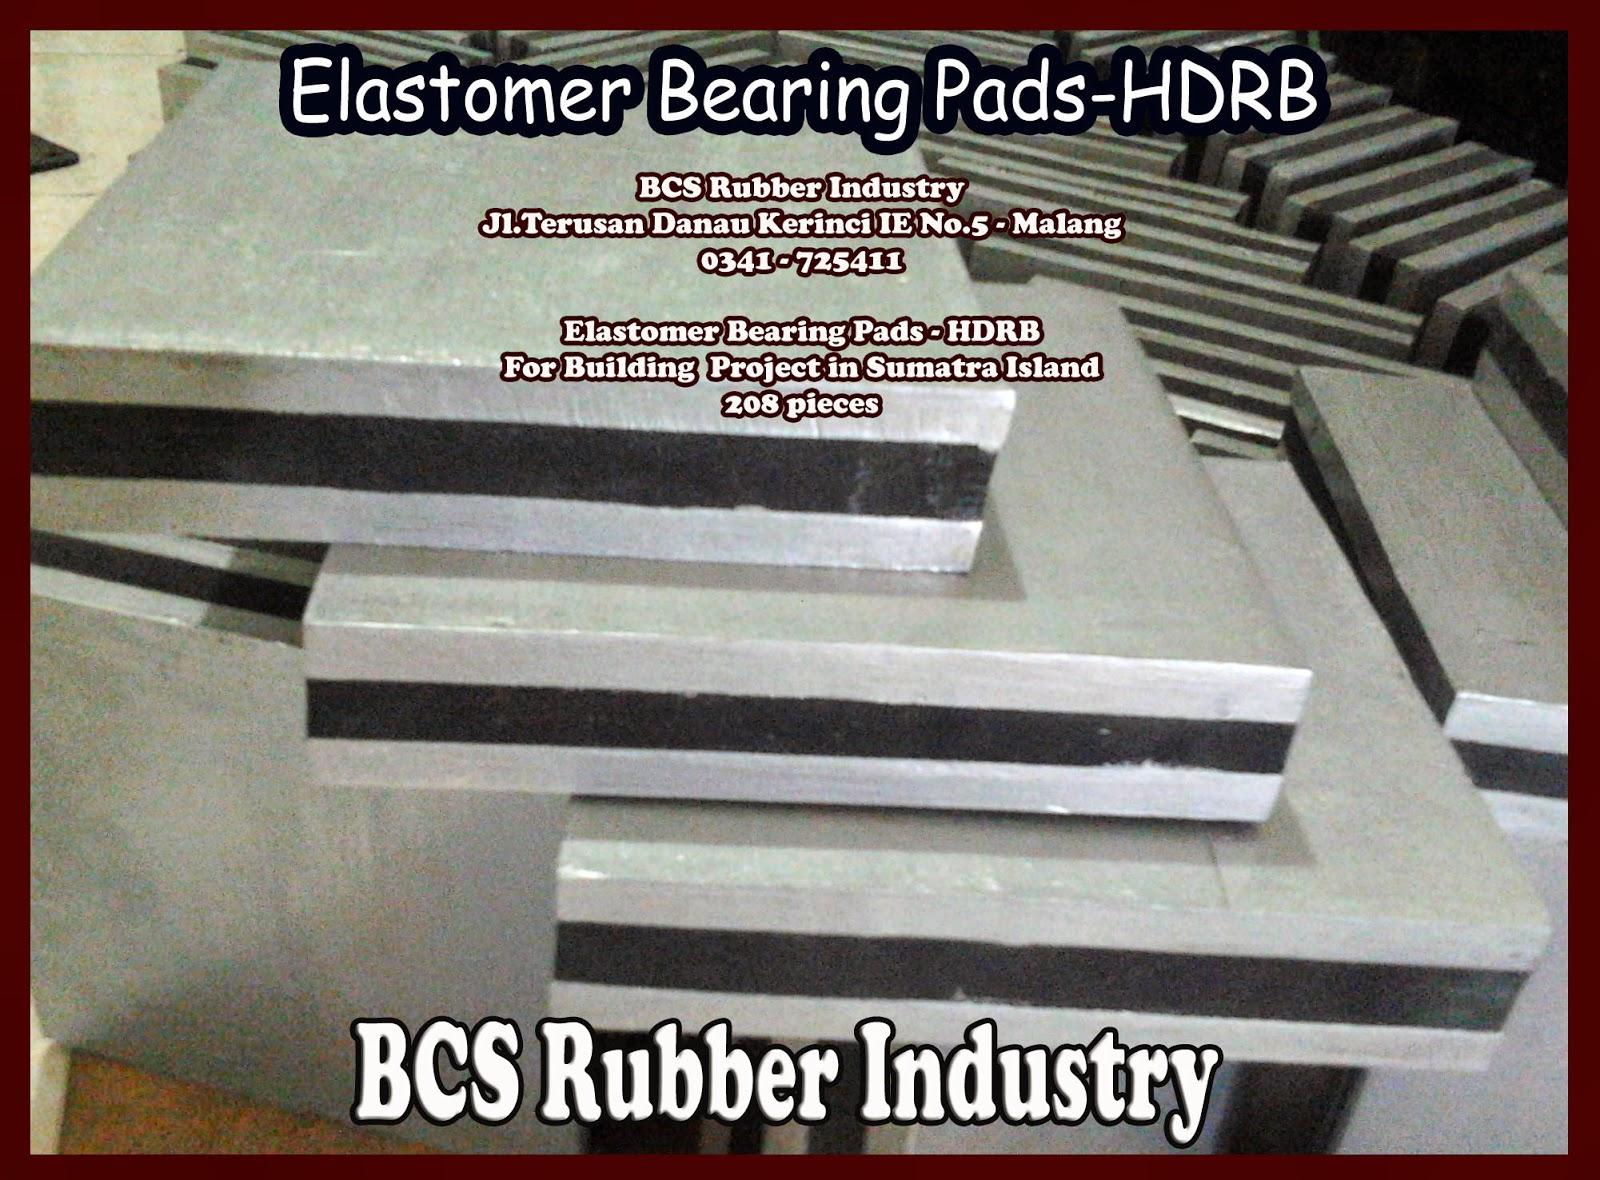 """KARET TAHAN GEMPA """"SEISMIC RUBBER BEARING"""" - BCS RUBBER PRODUCTION ,Elastomer Bearing Pads.Karet bantalan Jembatan,Elastomeric Bearing Pads."""